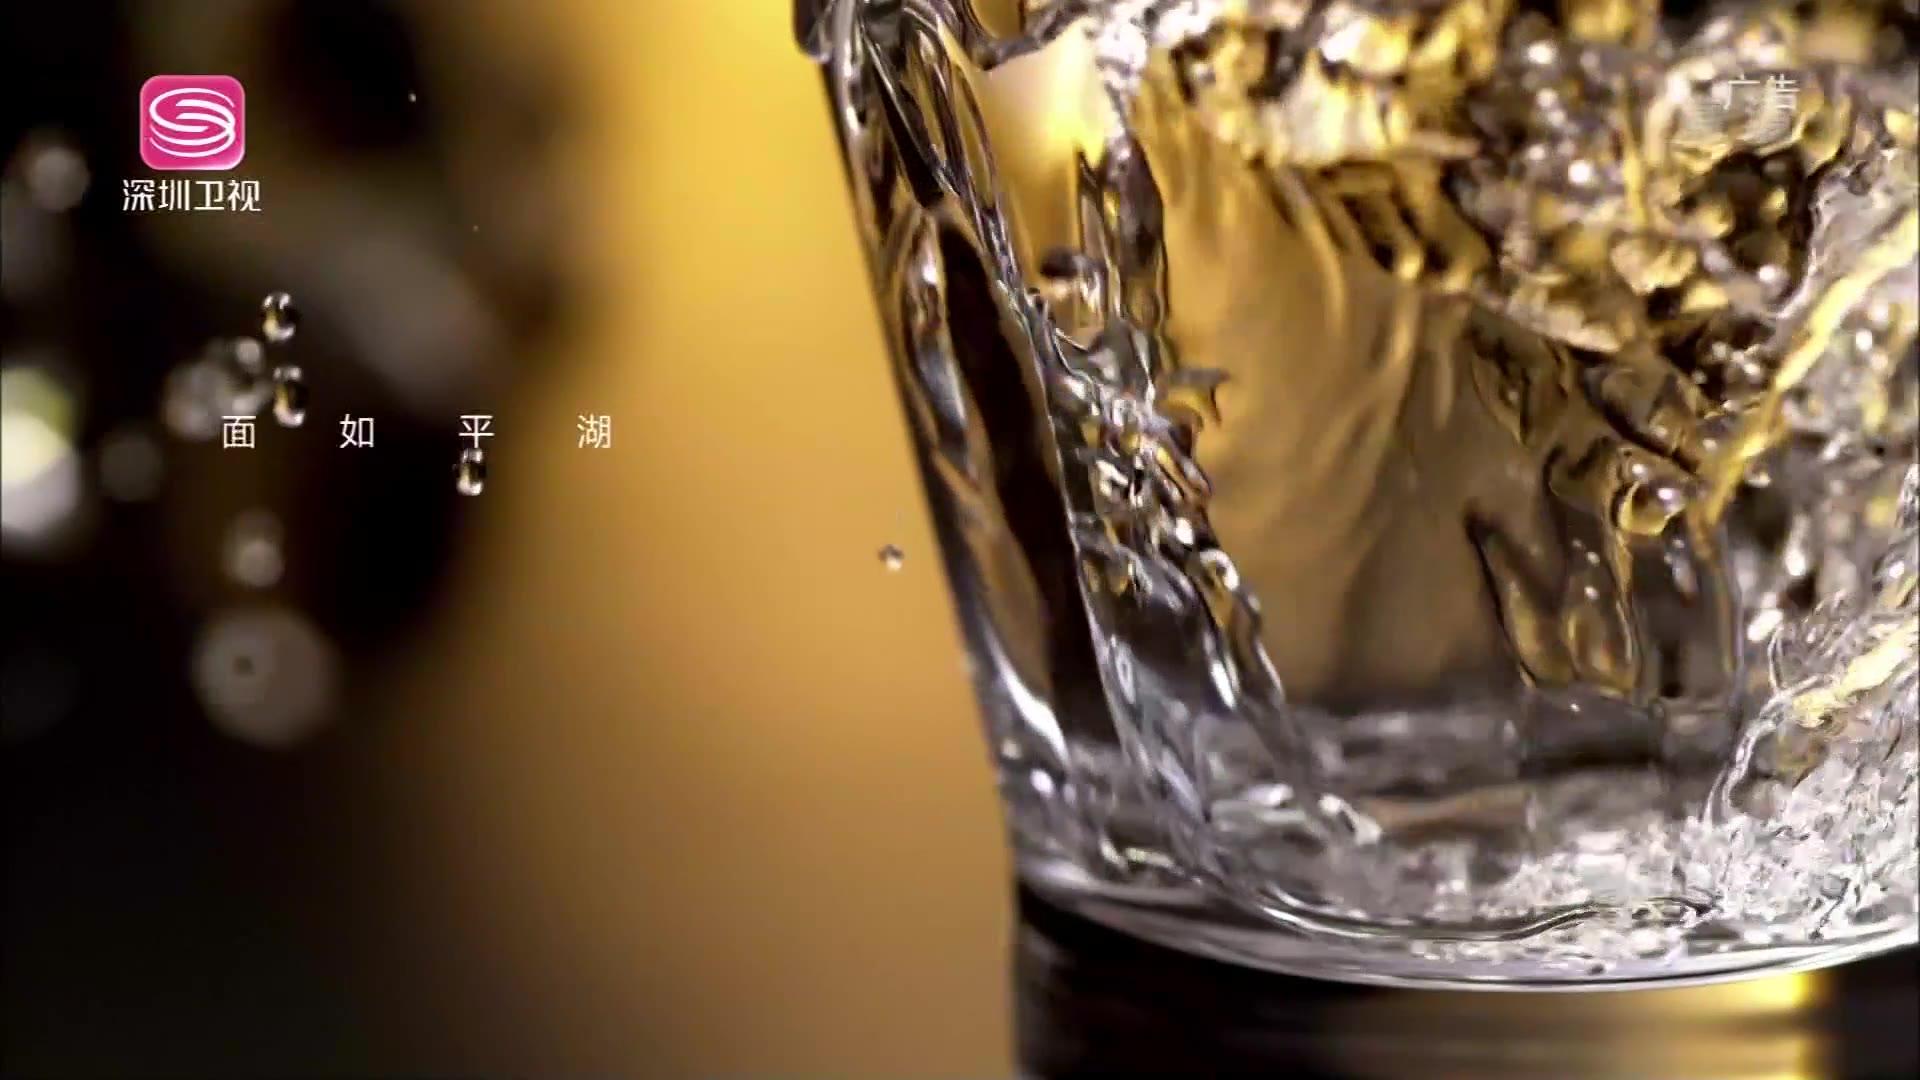 央视广告欣赏-百年泸州老窖窖龄酒